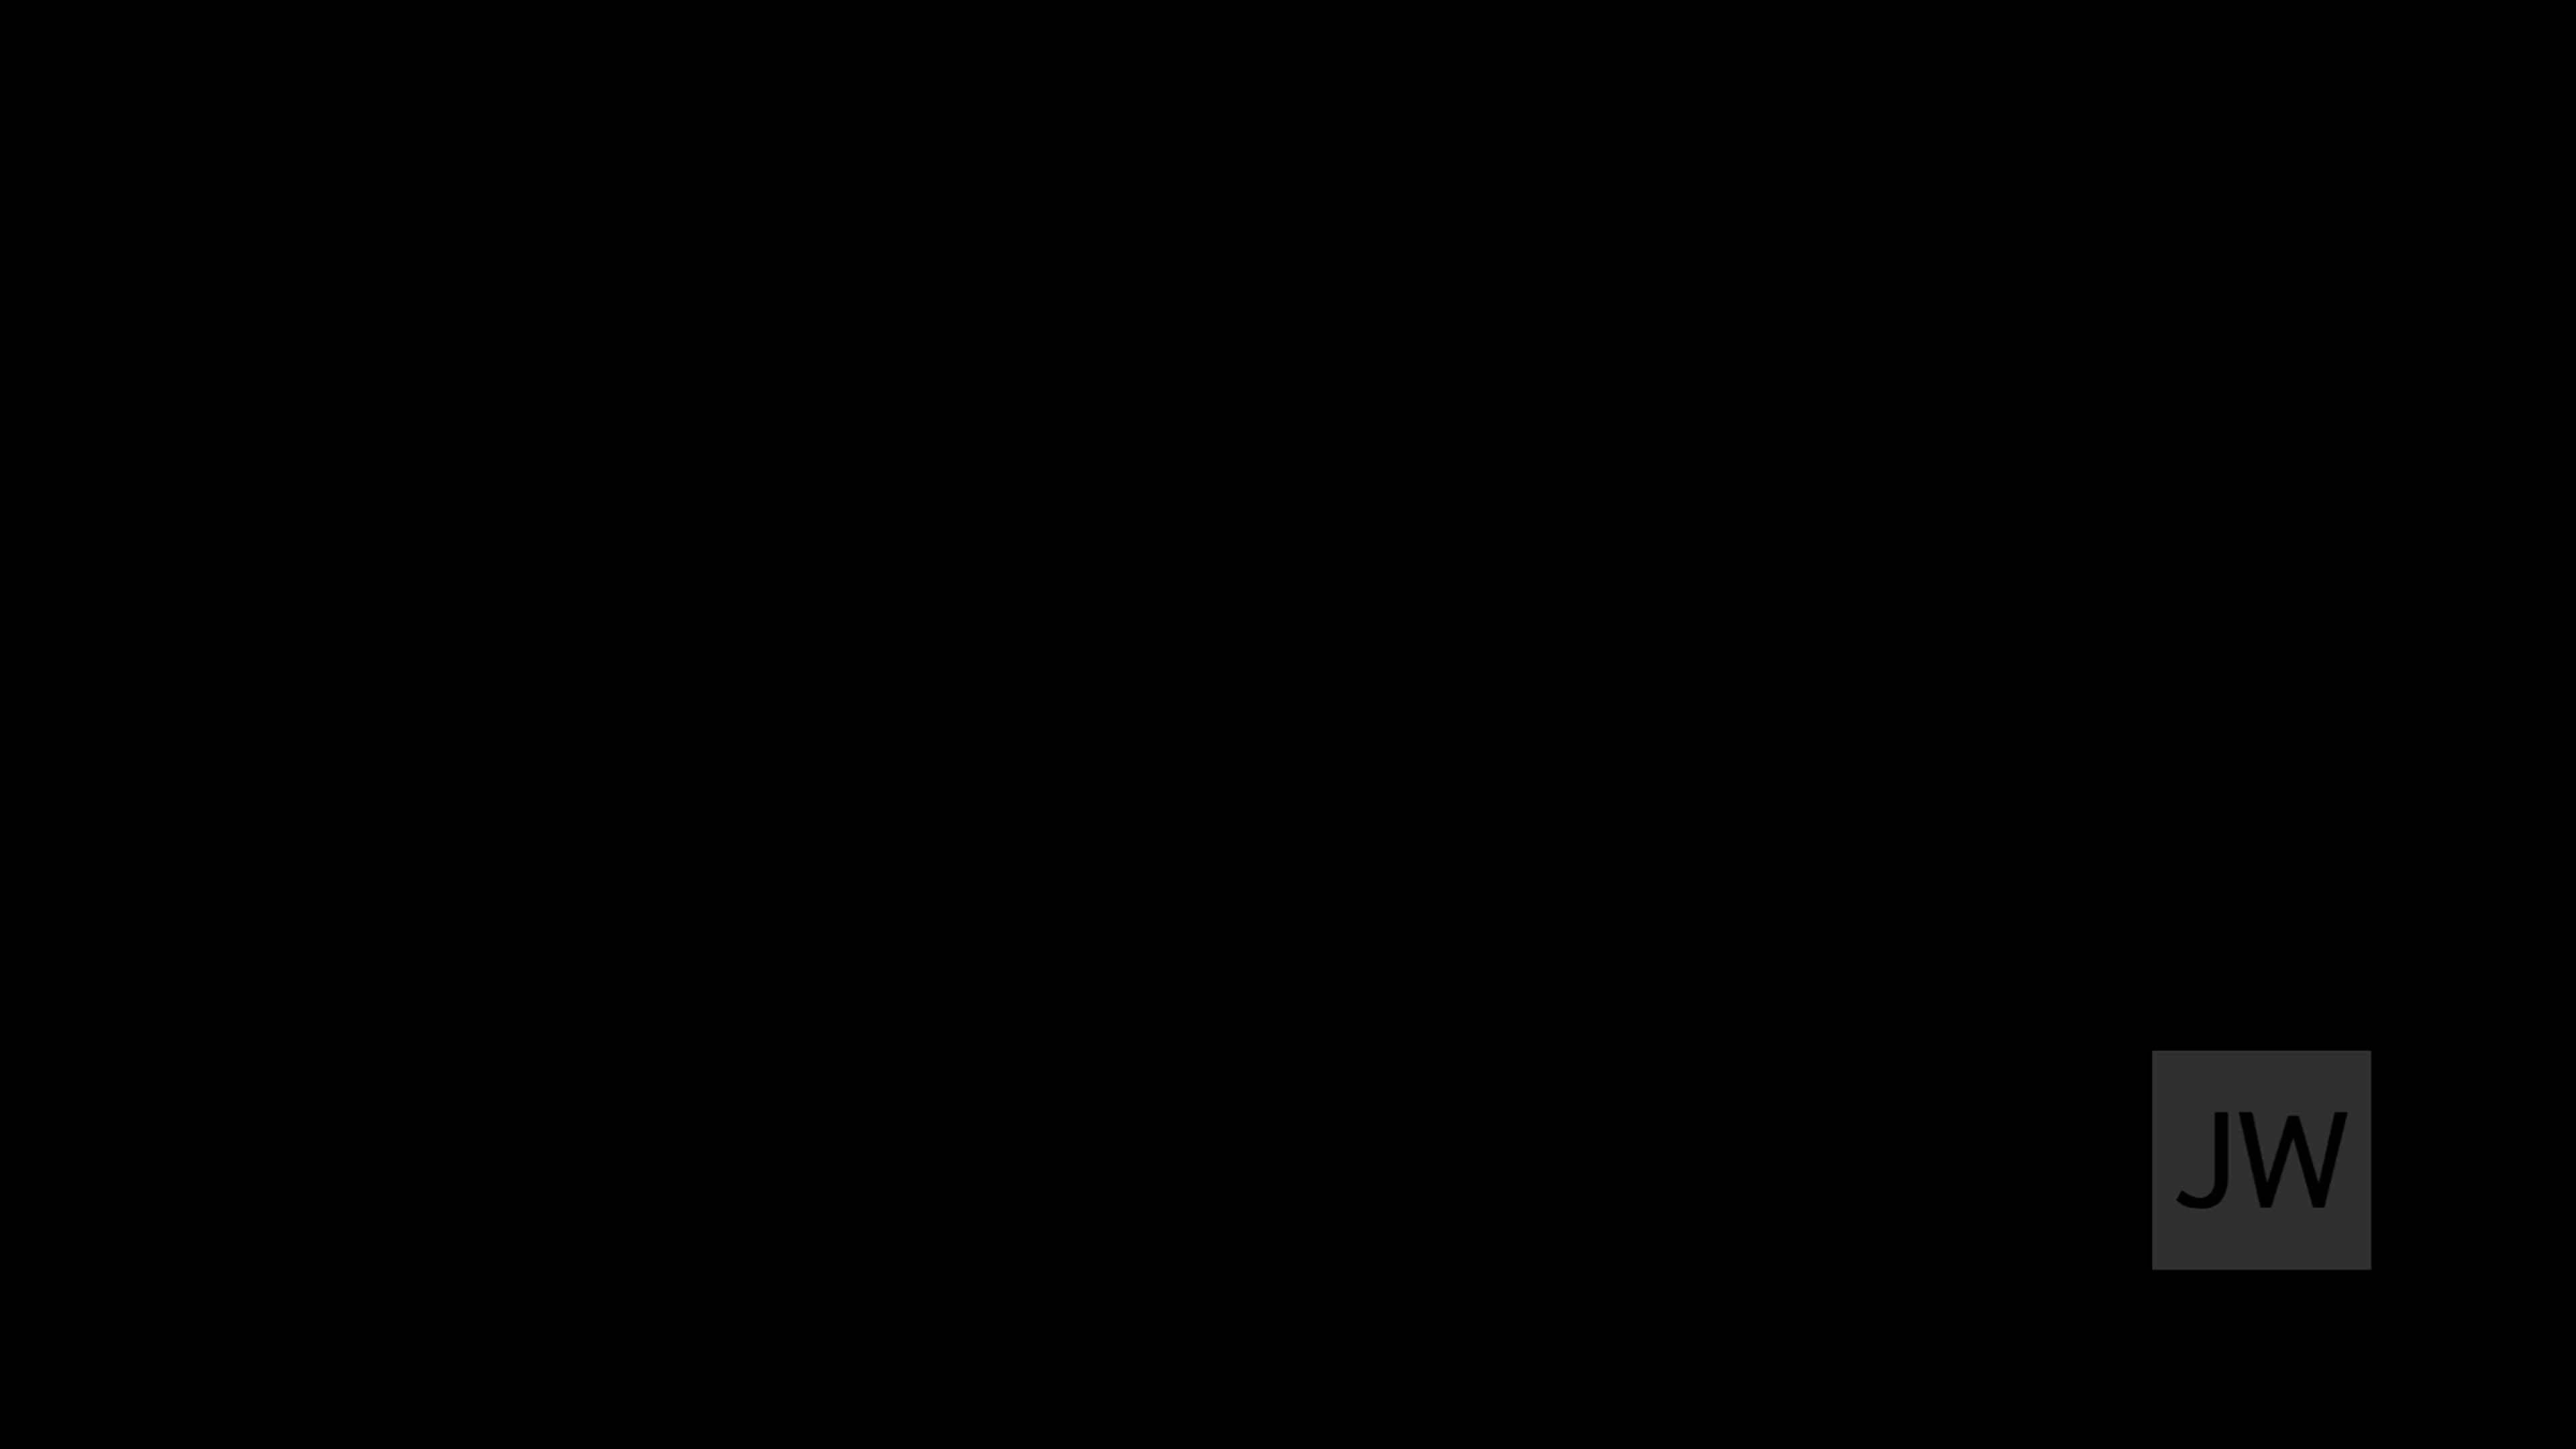 4K Texto del año y fondo con logo